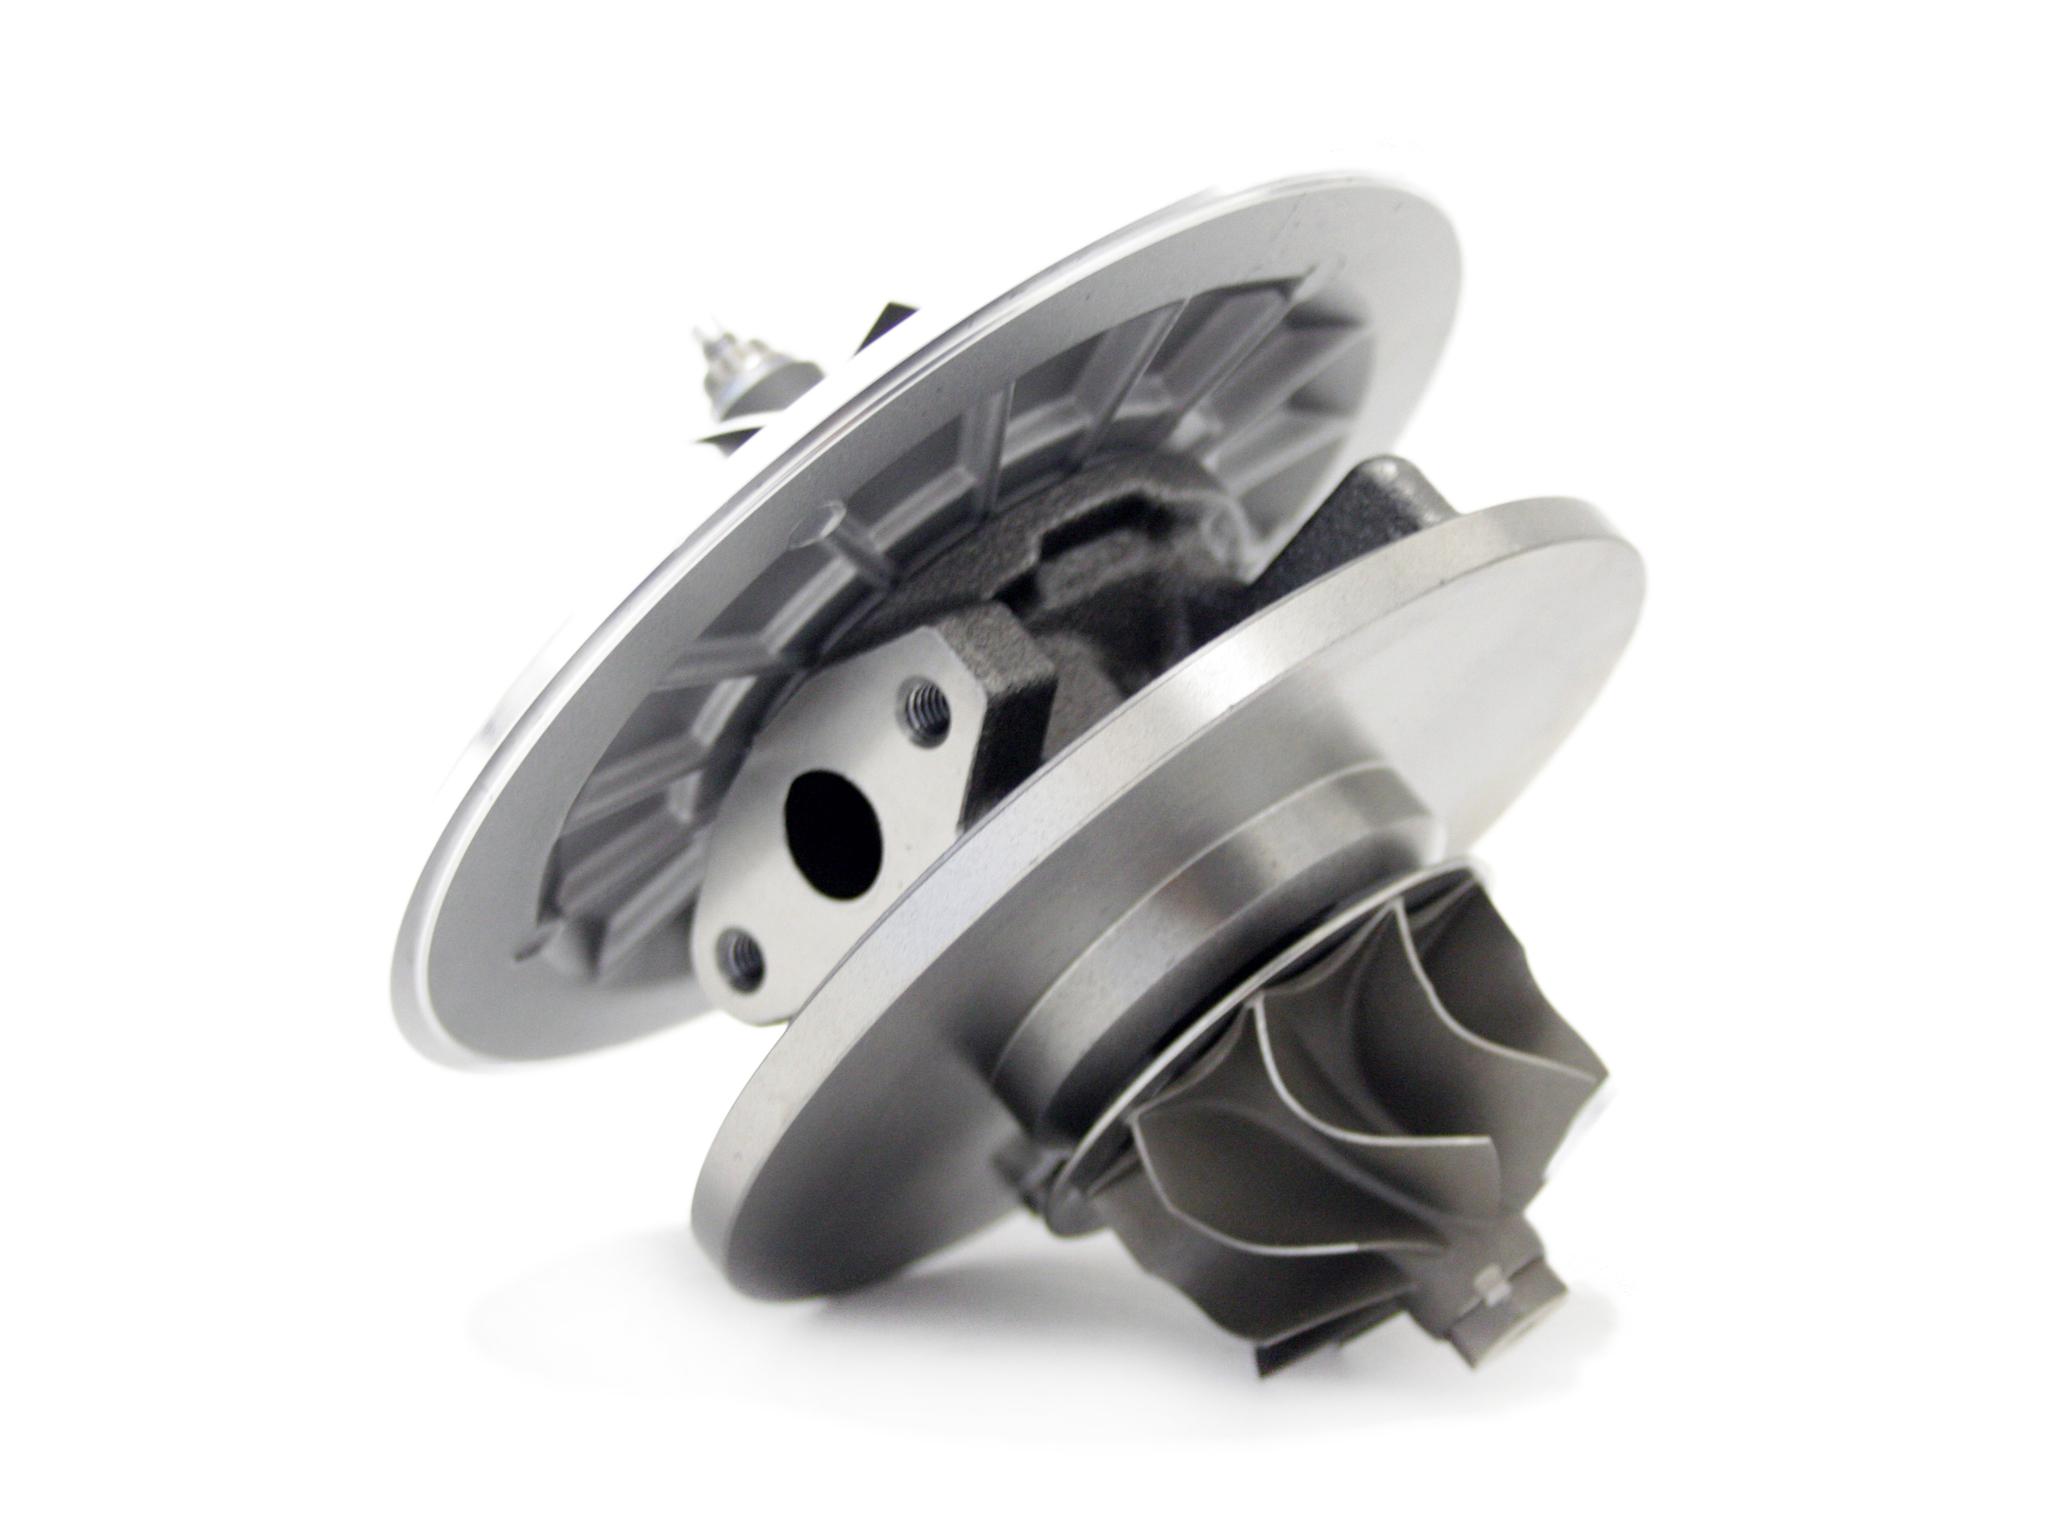 Картридж турбины GT2260 БМВ Х5 3.0 M57N 218 л.с.